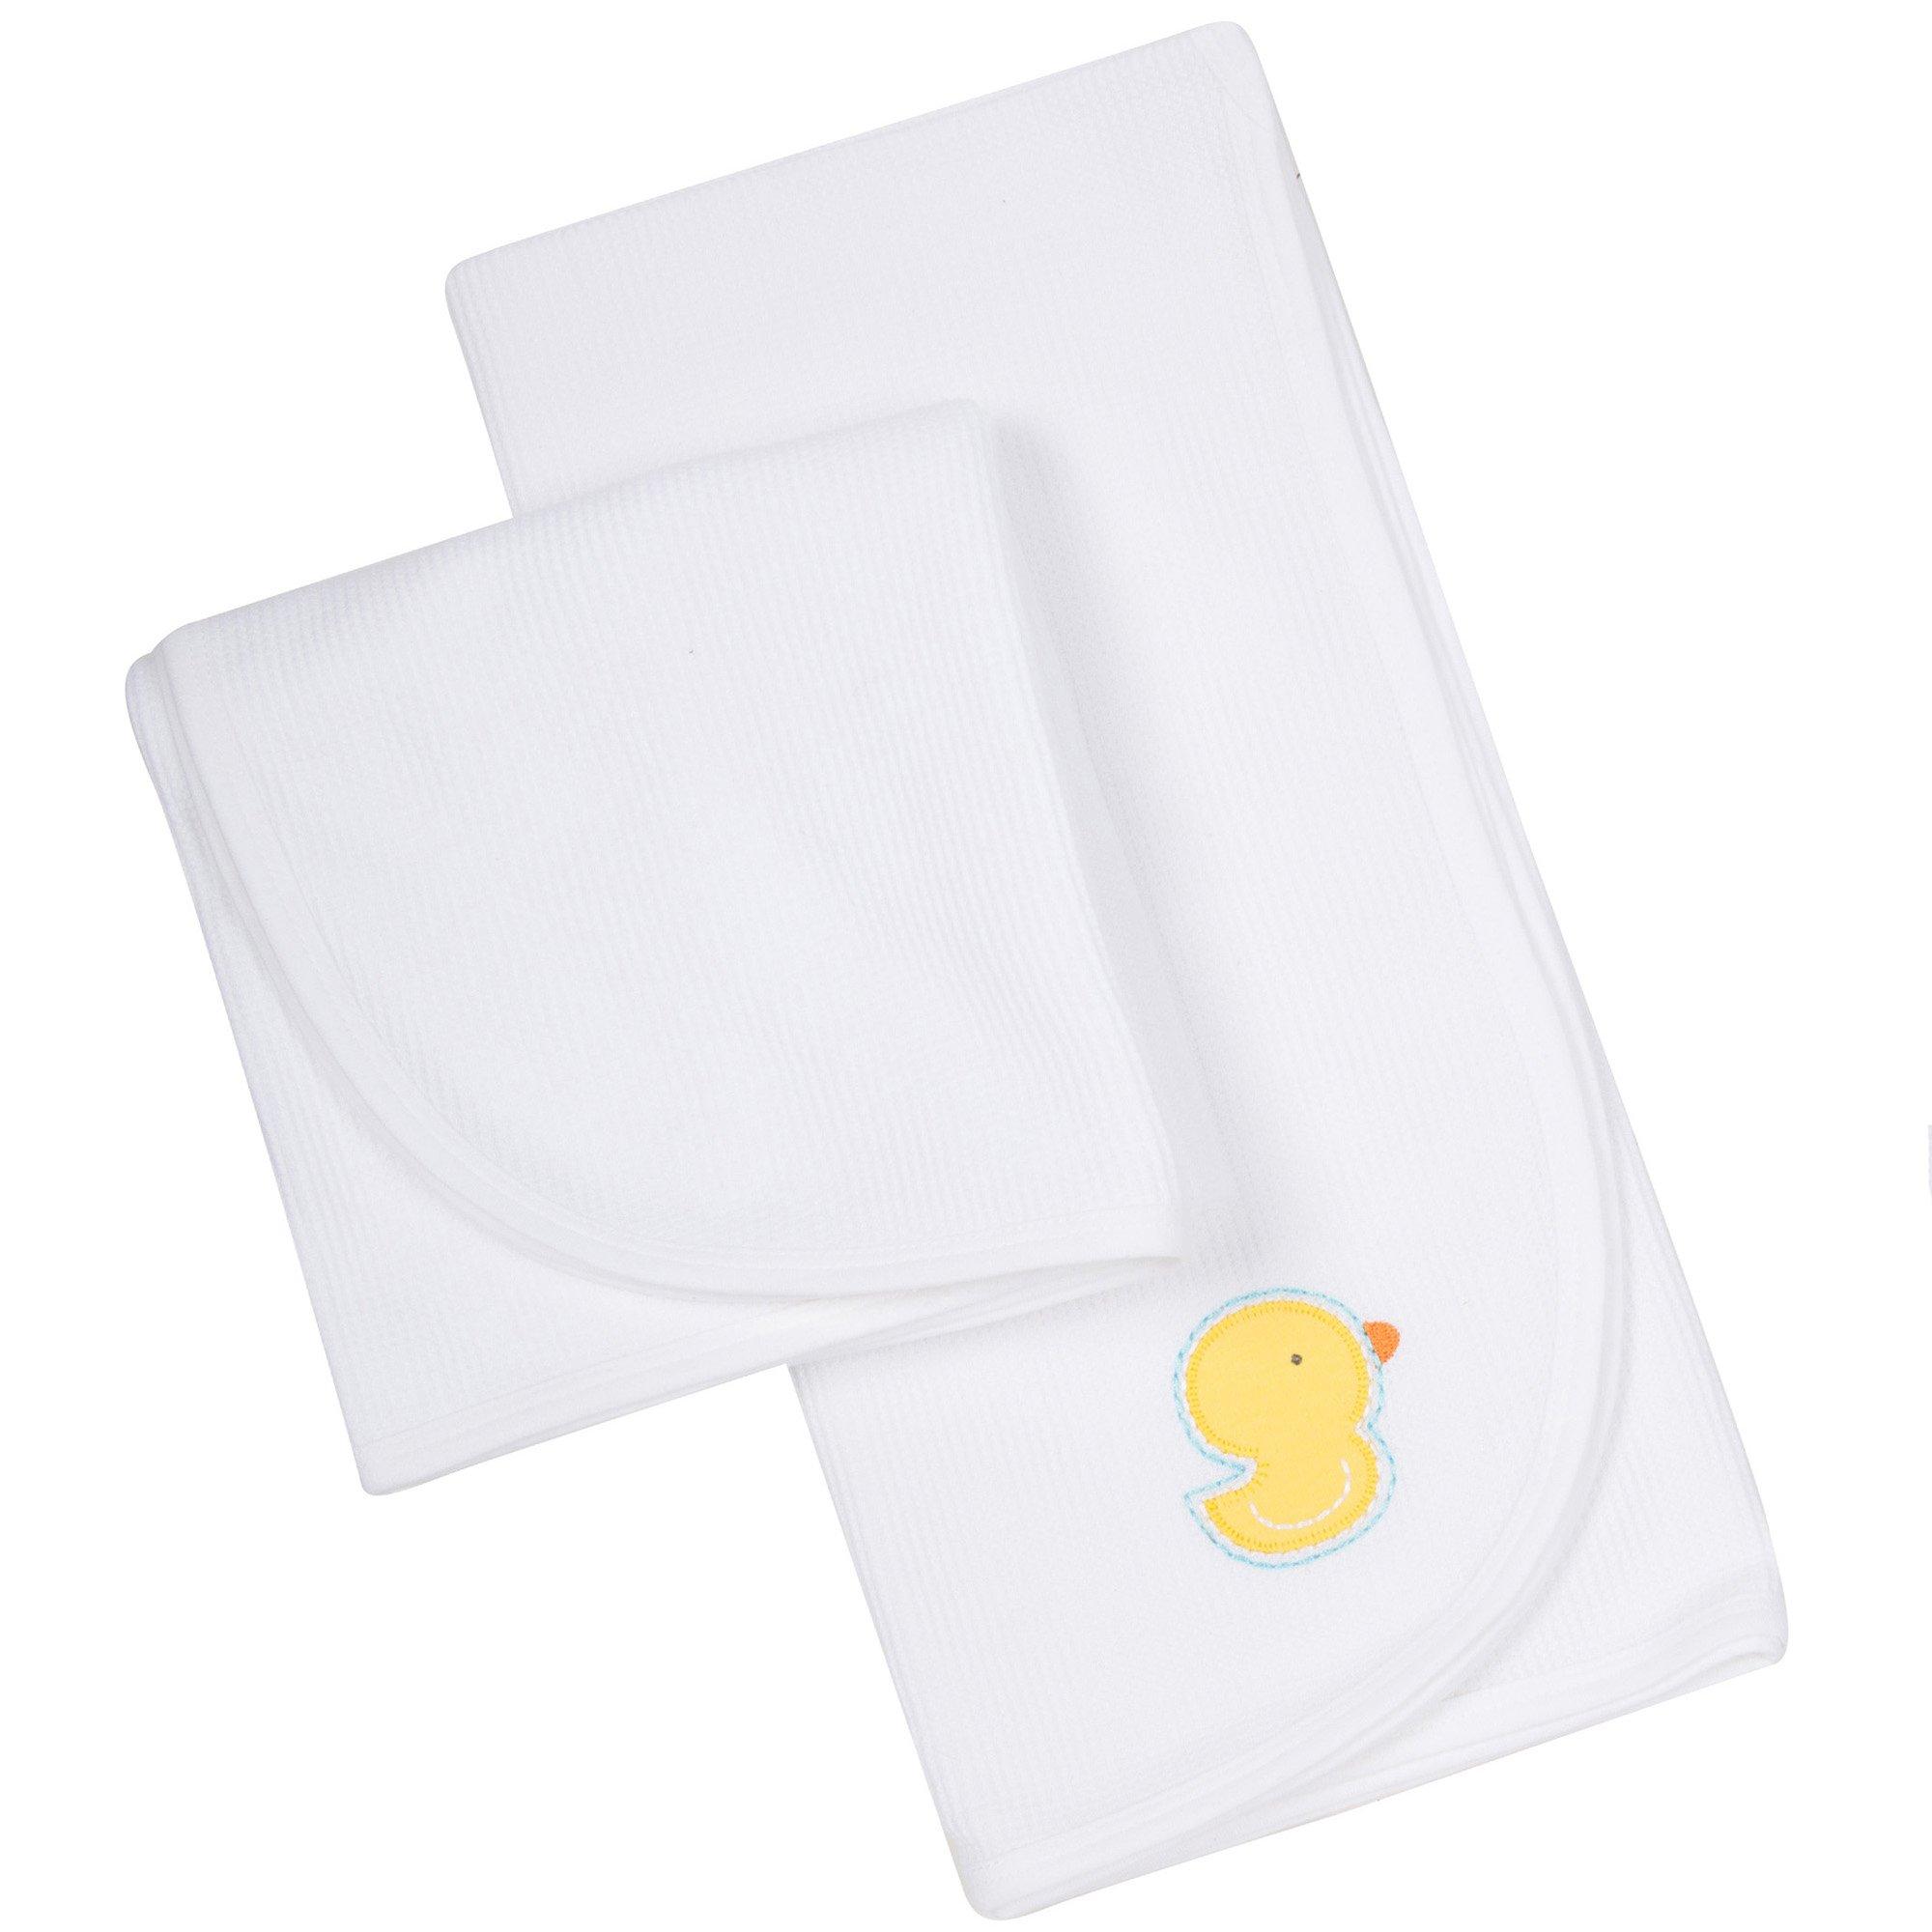 Gerber White Thermal Receiving Blanket - 2 Pack by Gerber